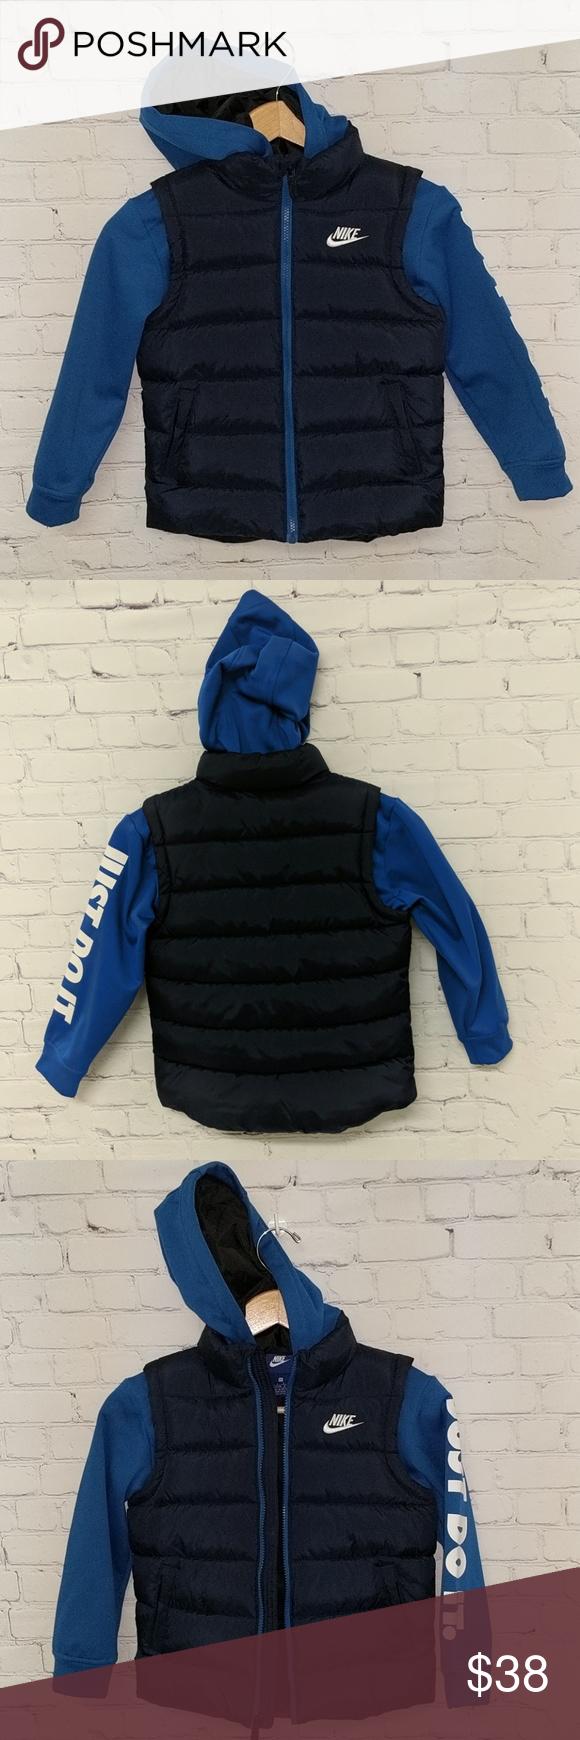 Nike Kid S Hooded Fleece And Puffer Jacket Nike Kids Puffer Jackets Kids Jacket [ 1740 x 580 Pixel ]